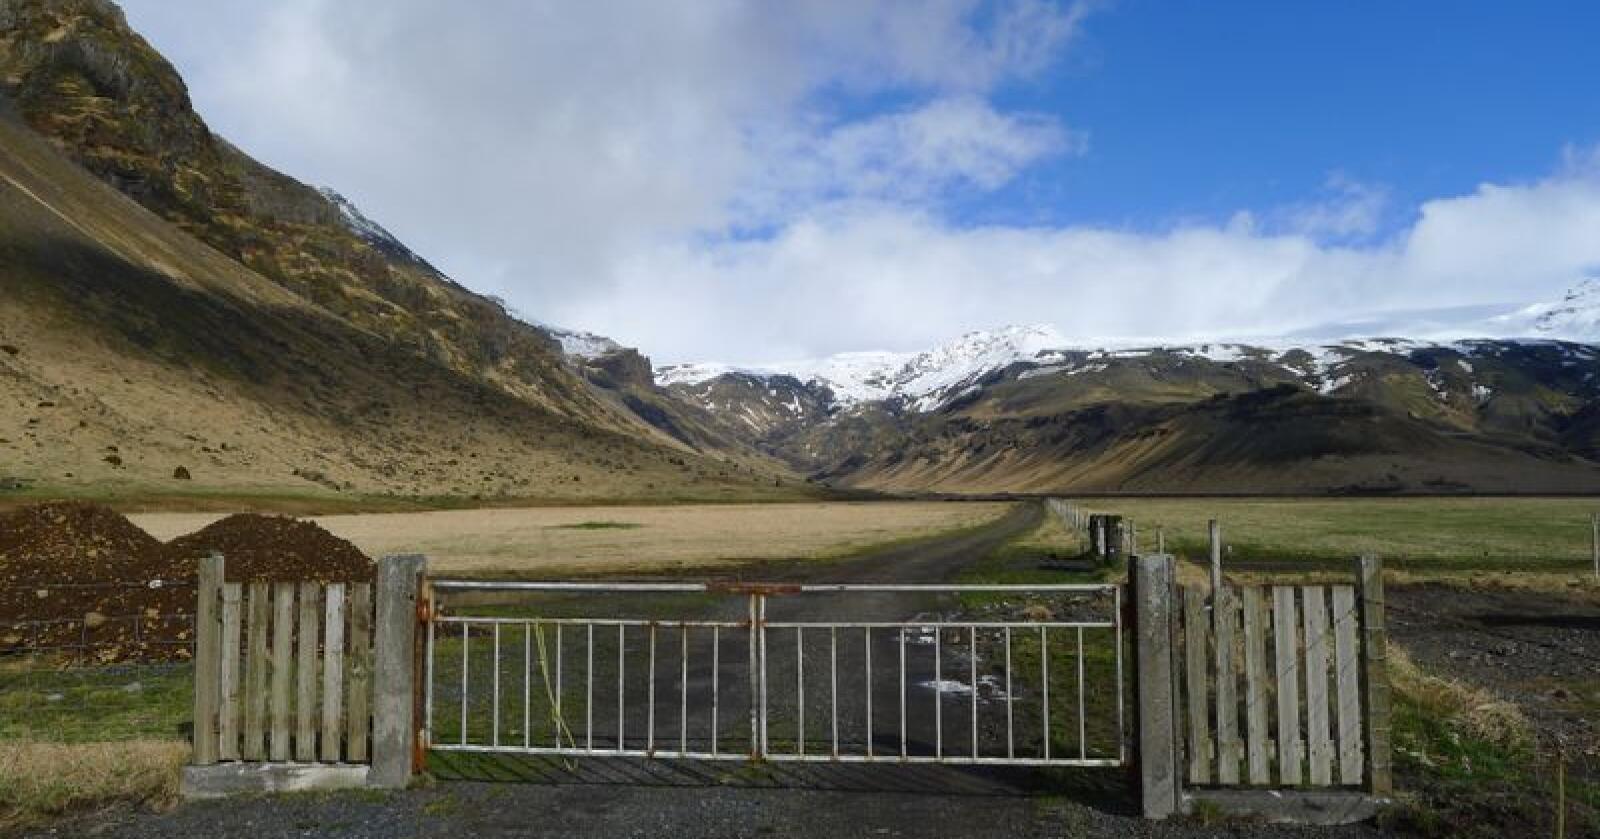 Island har svært god helsestatus i landbruket, og det har vært avgjørende for denne avtalen, skriver samvirkebedriftene. Bildet viser Thorvaldseyri, ved Eyjafjallajökull. Ólafur Eggertsson driver med korn, kjøtt og melkeproduksjon på gården.